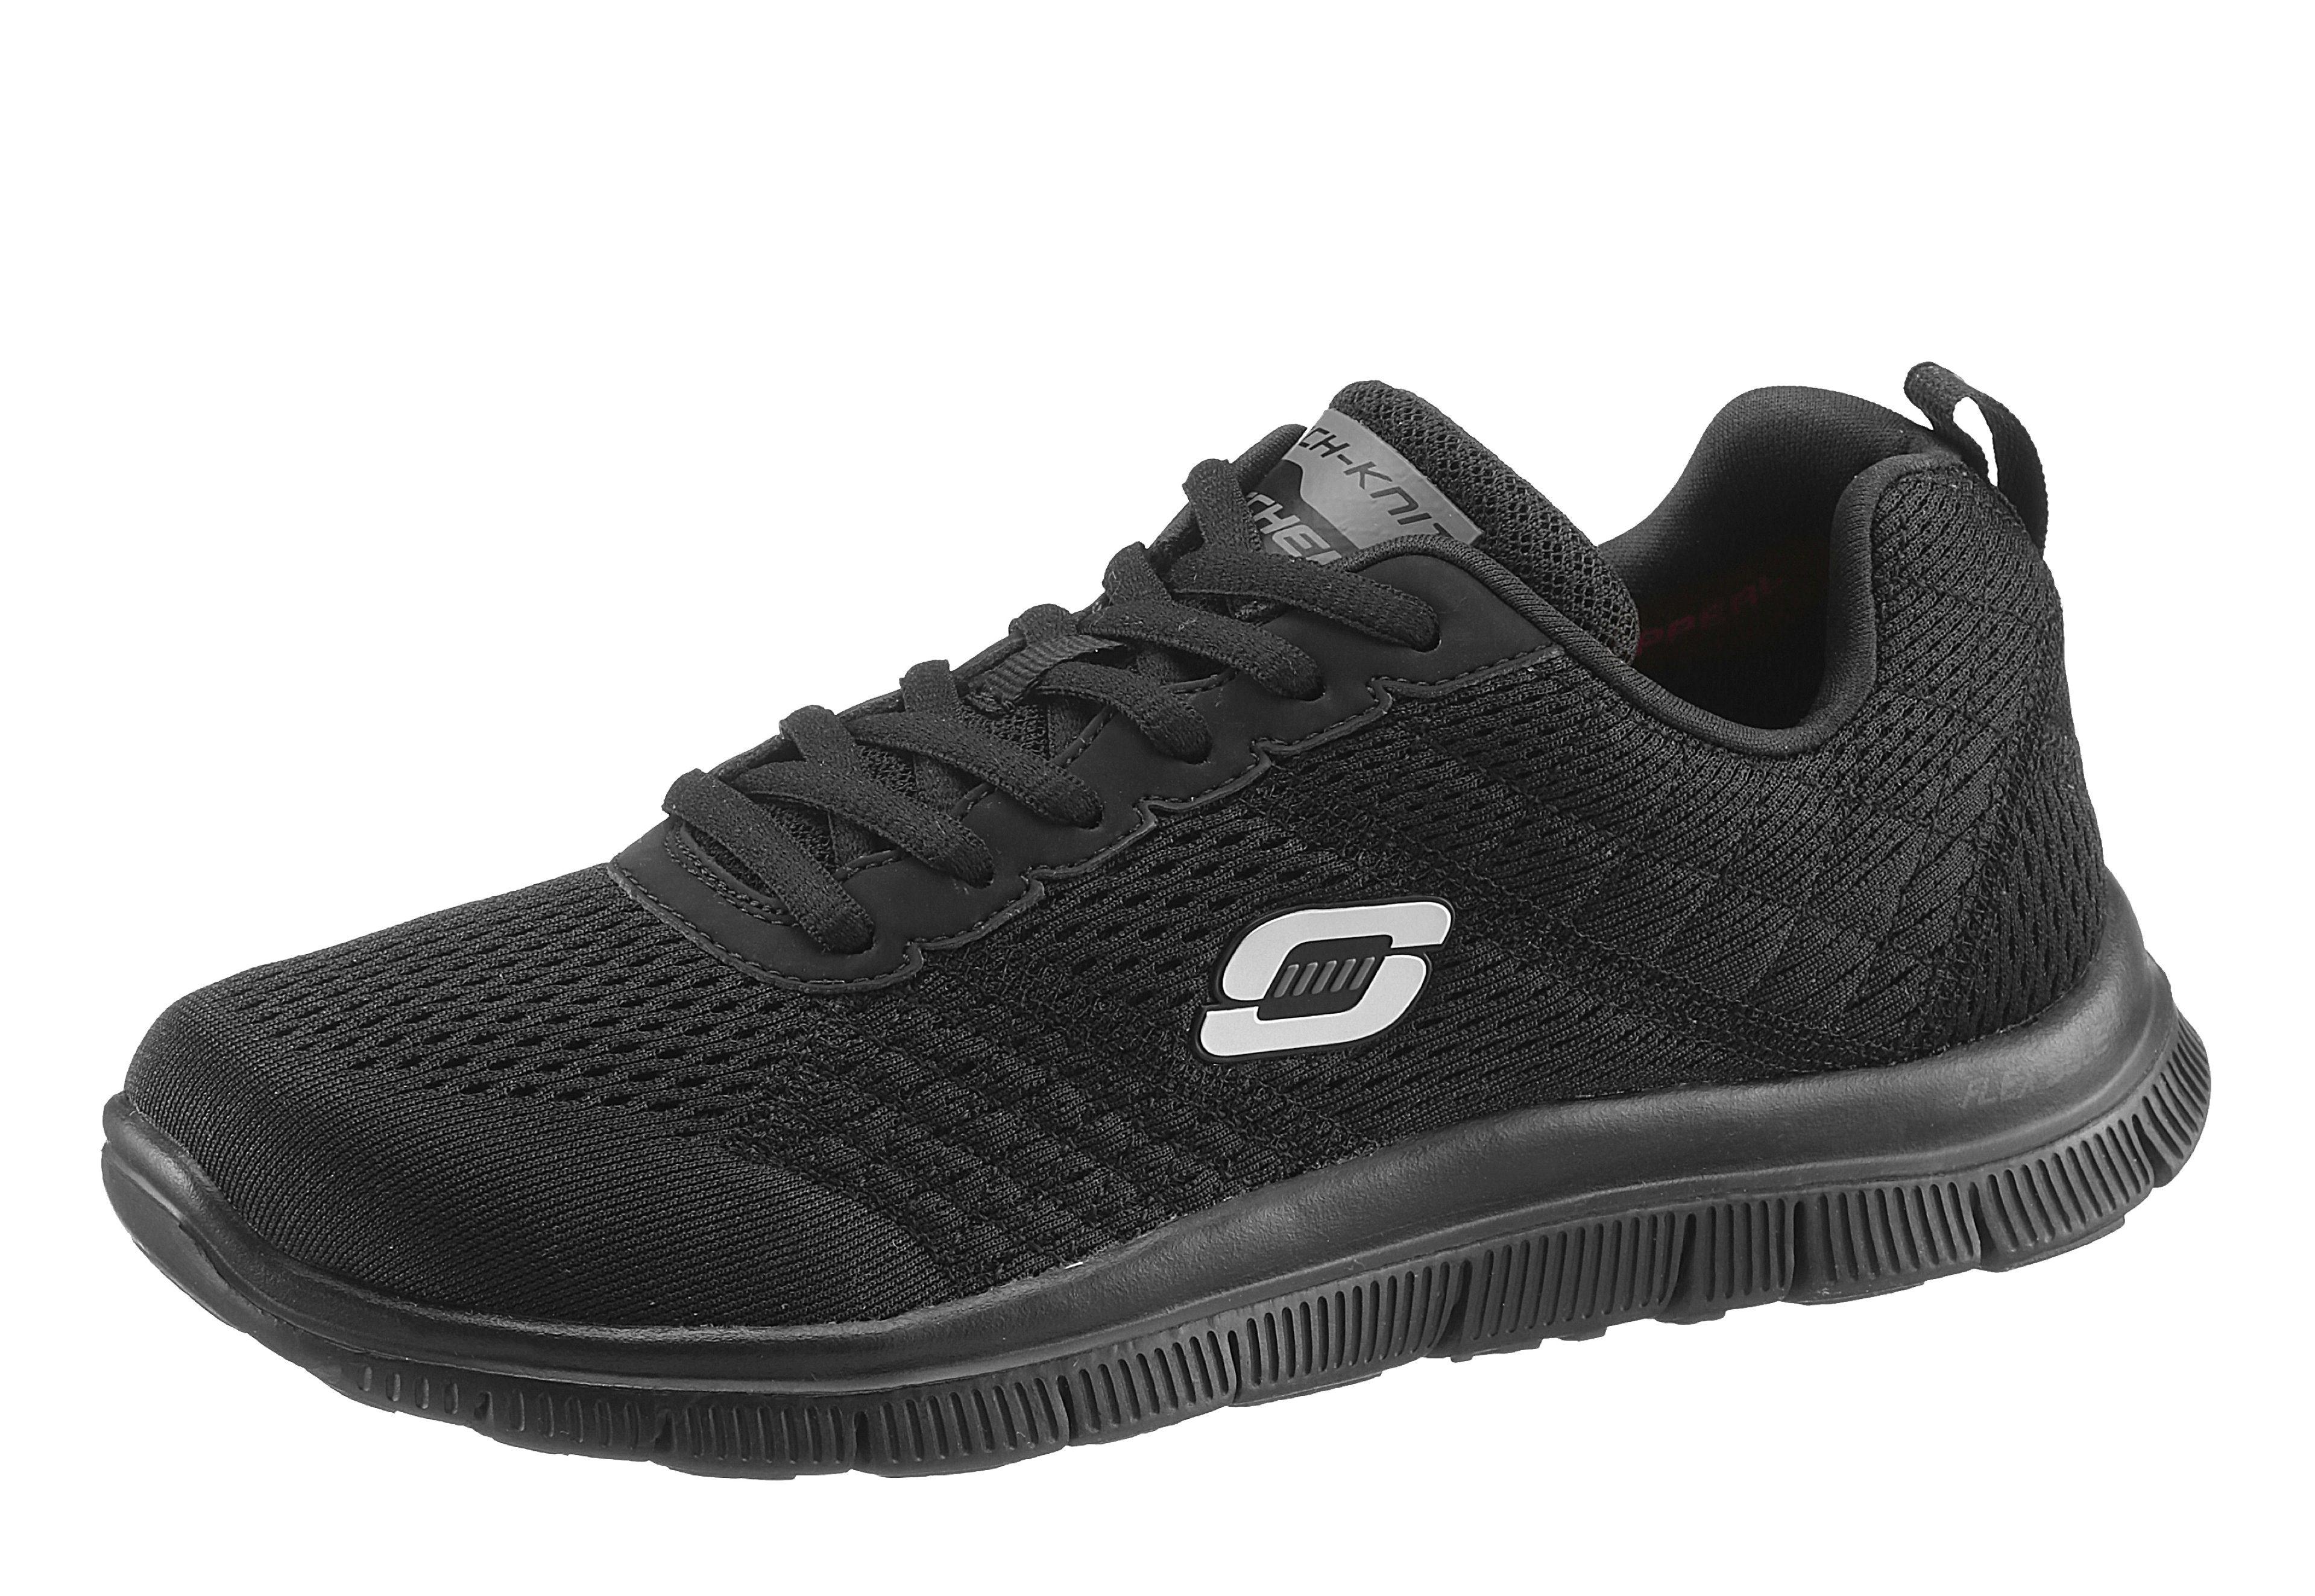 Skechers »Flex Appeal-Obvious Choice« Sneaker, mit Memory Foam